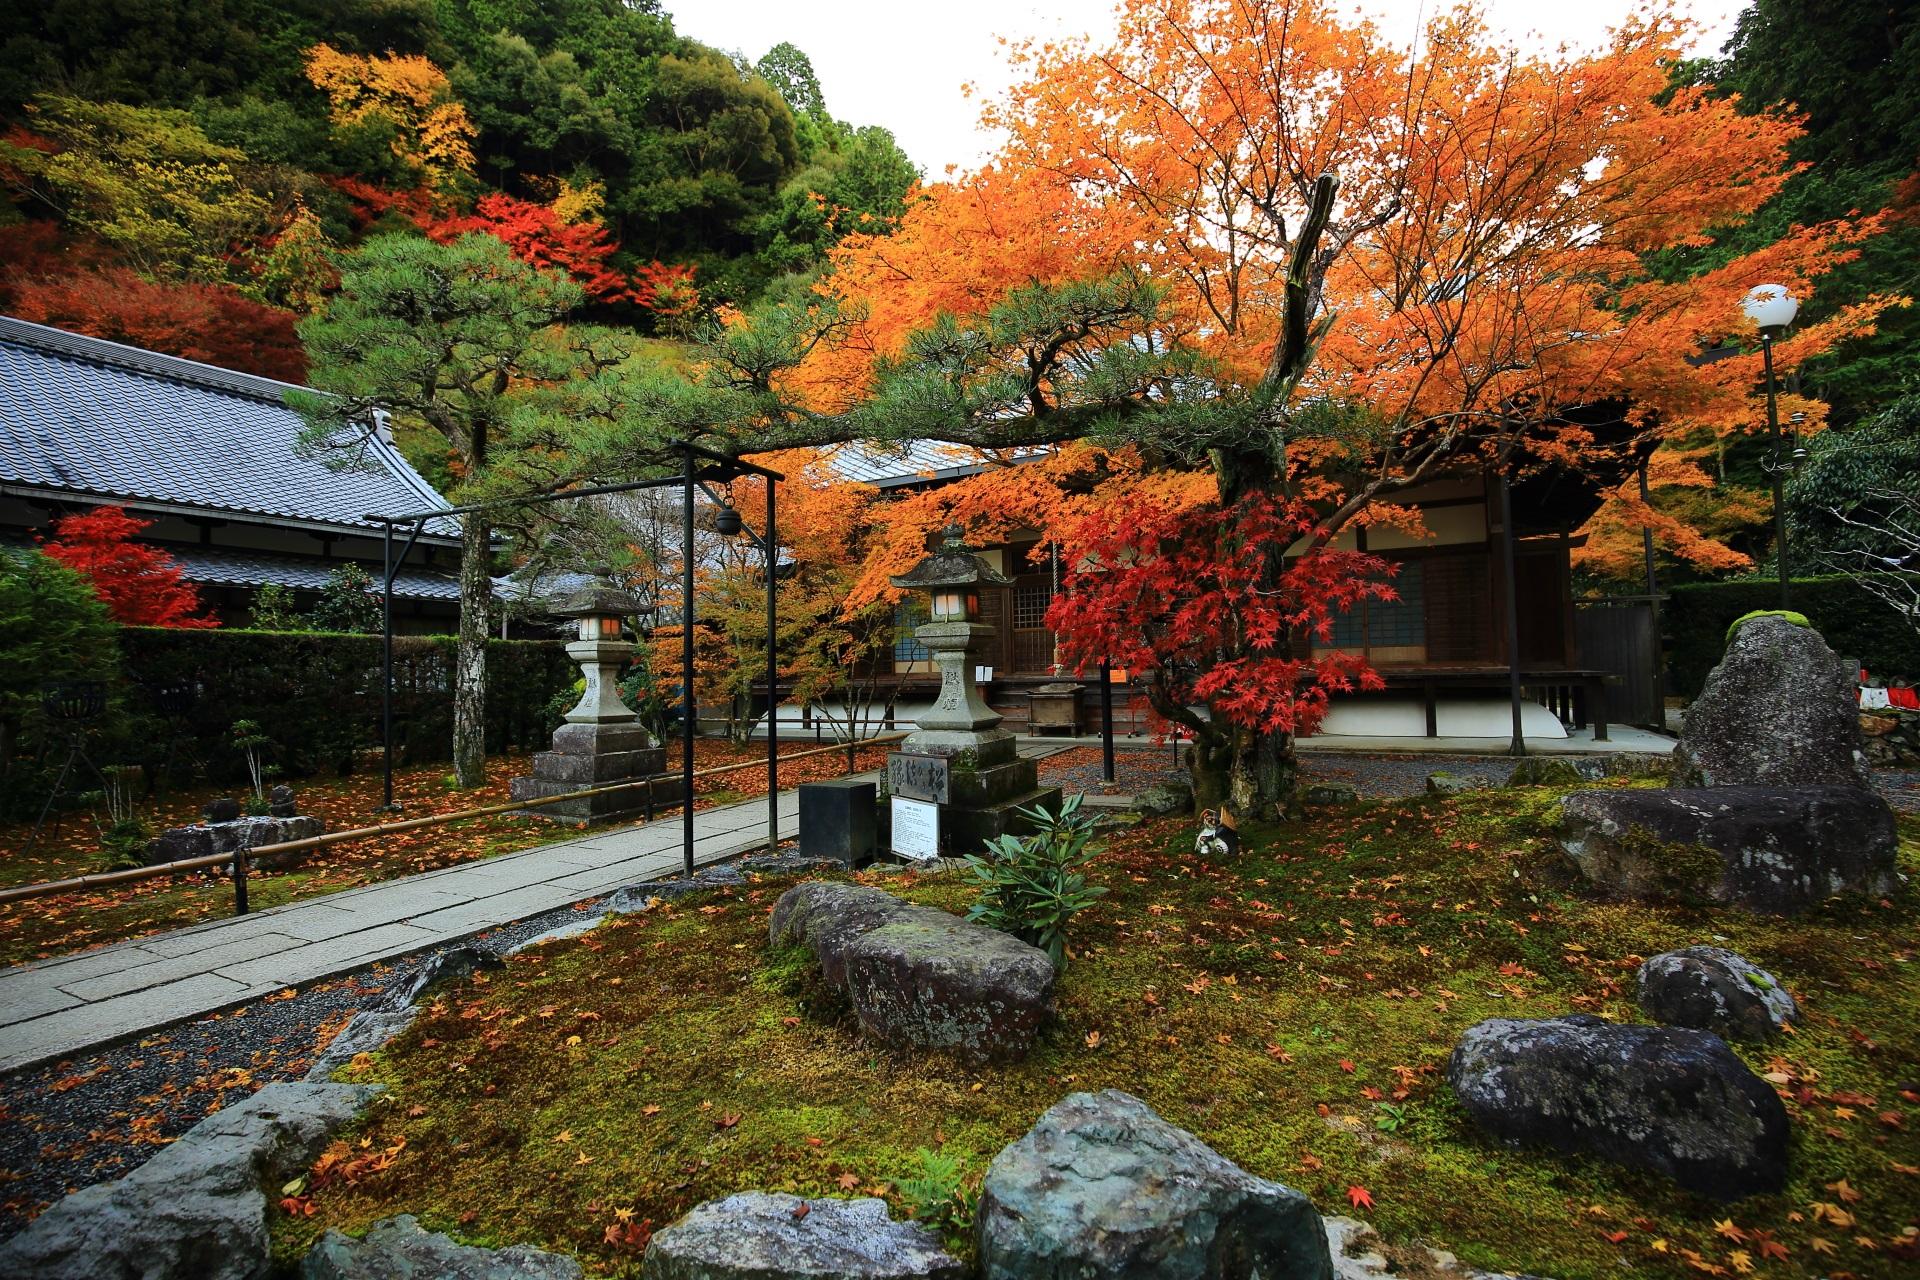 最勝院 紅葉 南禅寺の奥にある絵になる紅葉の名所